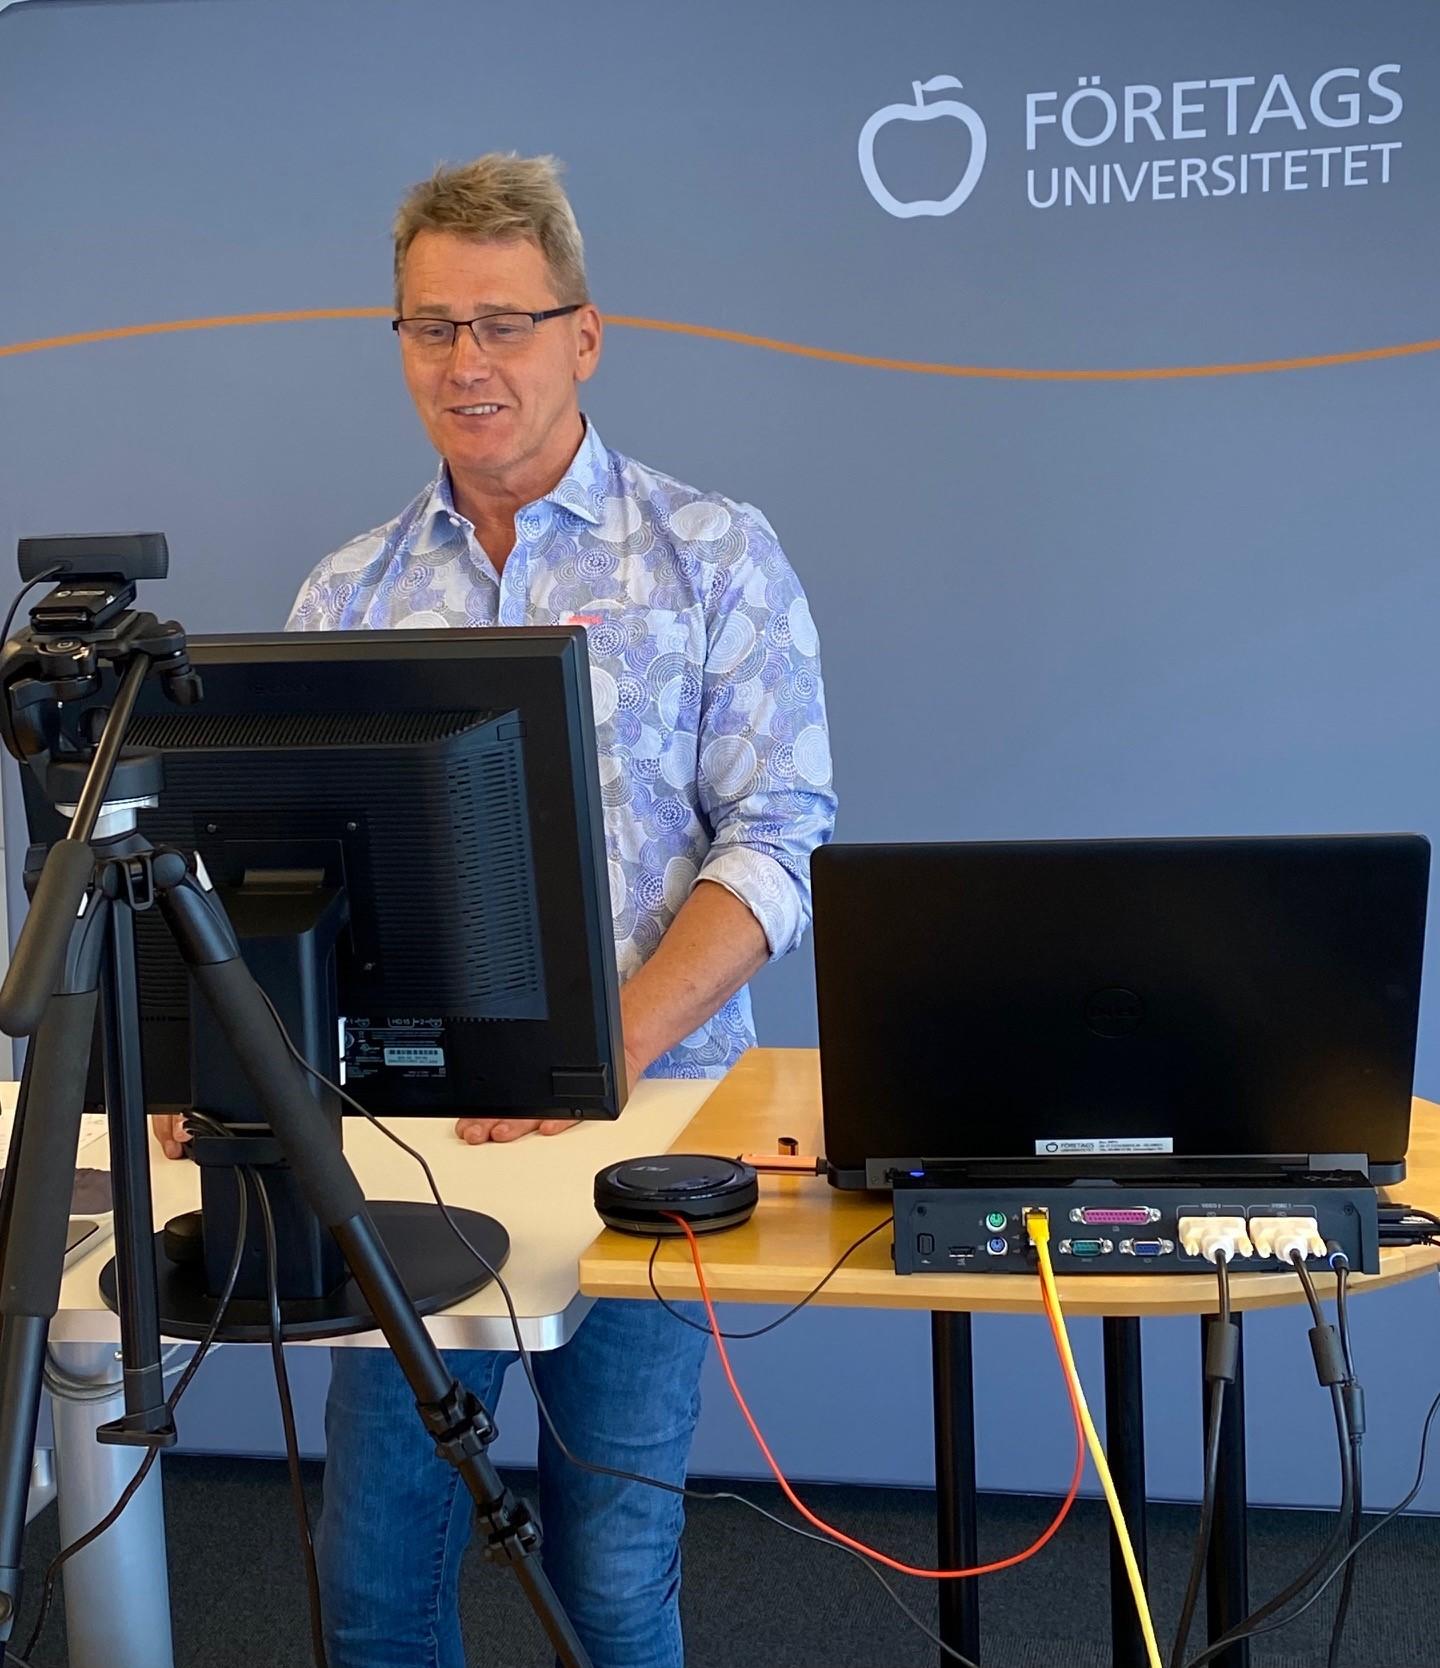 Ulf Rönndahl